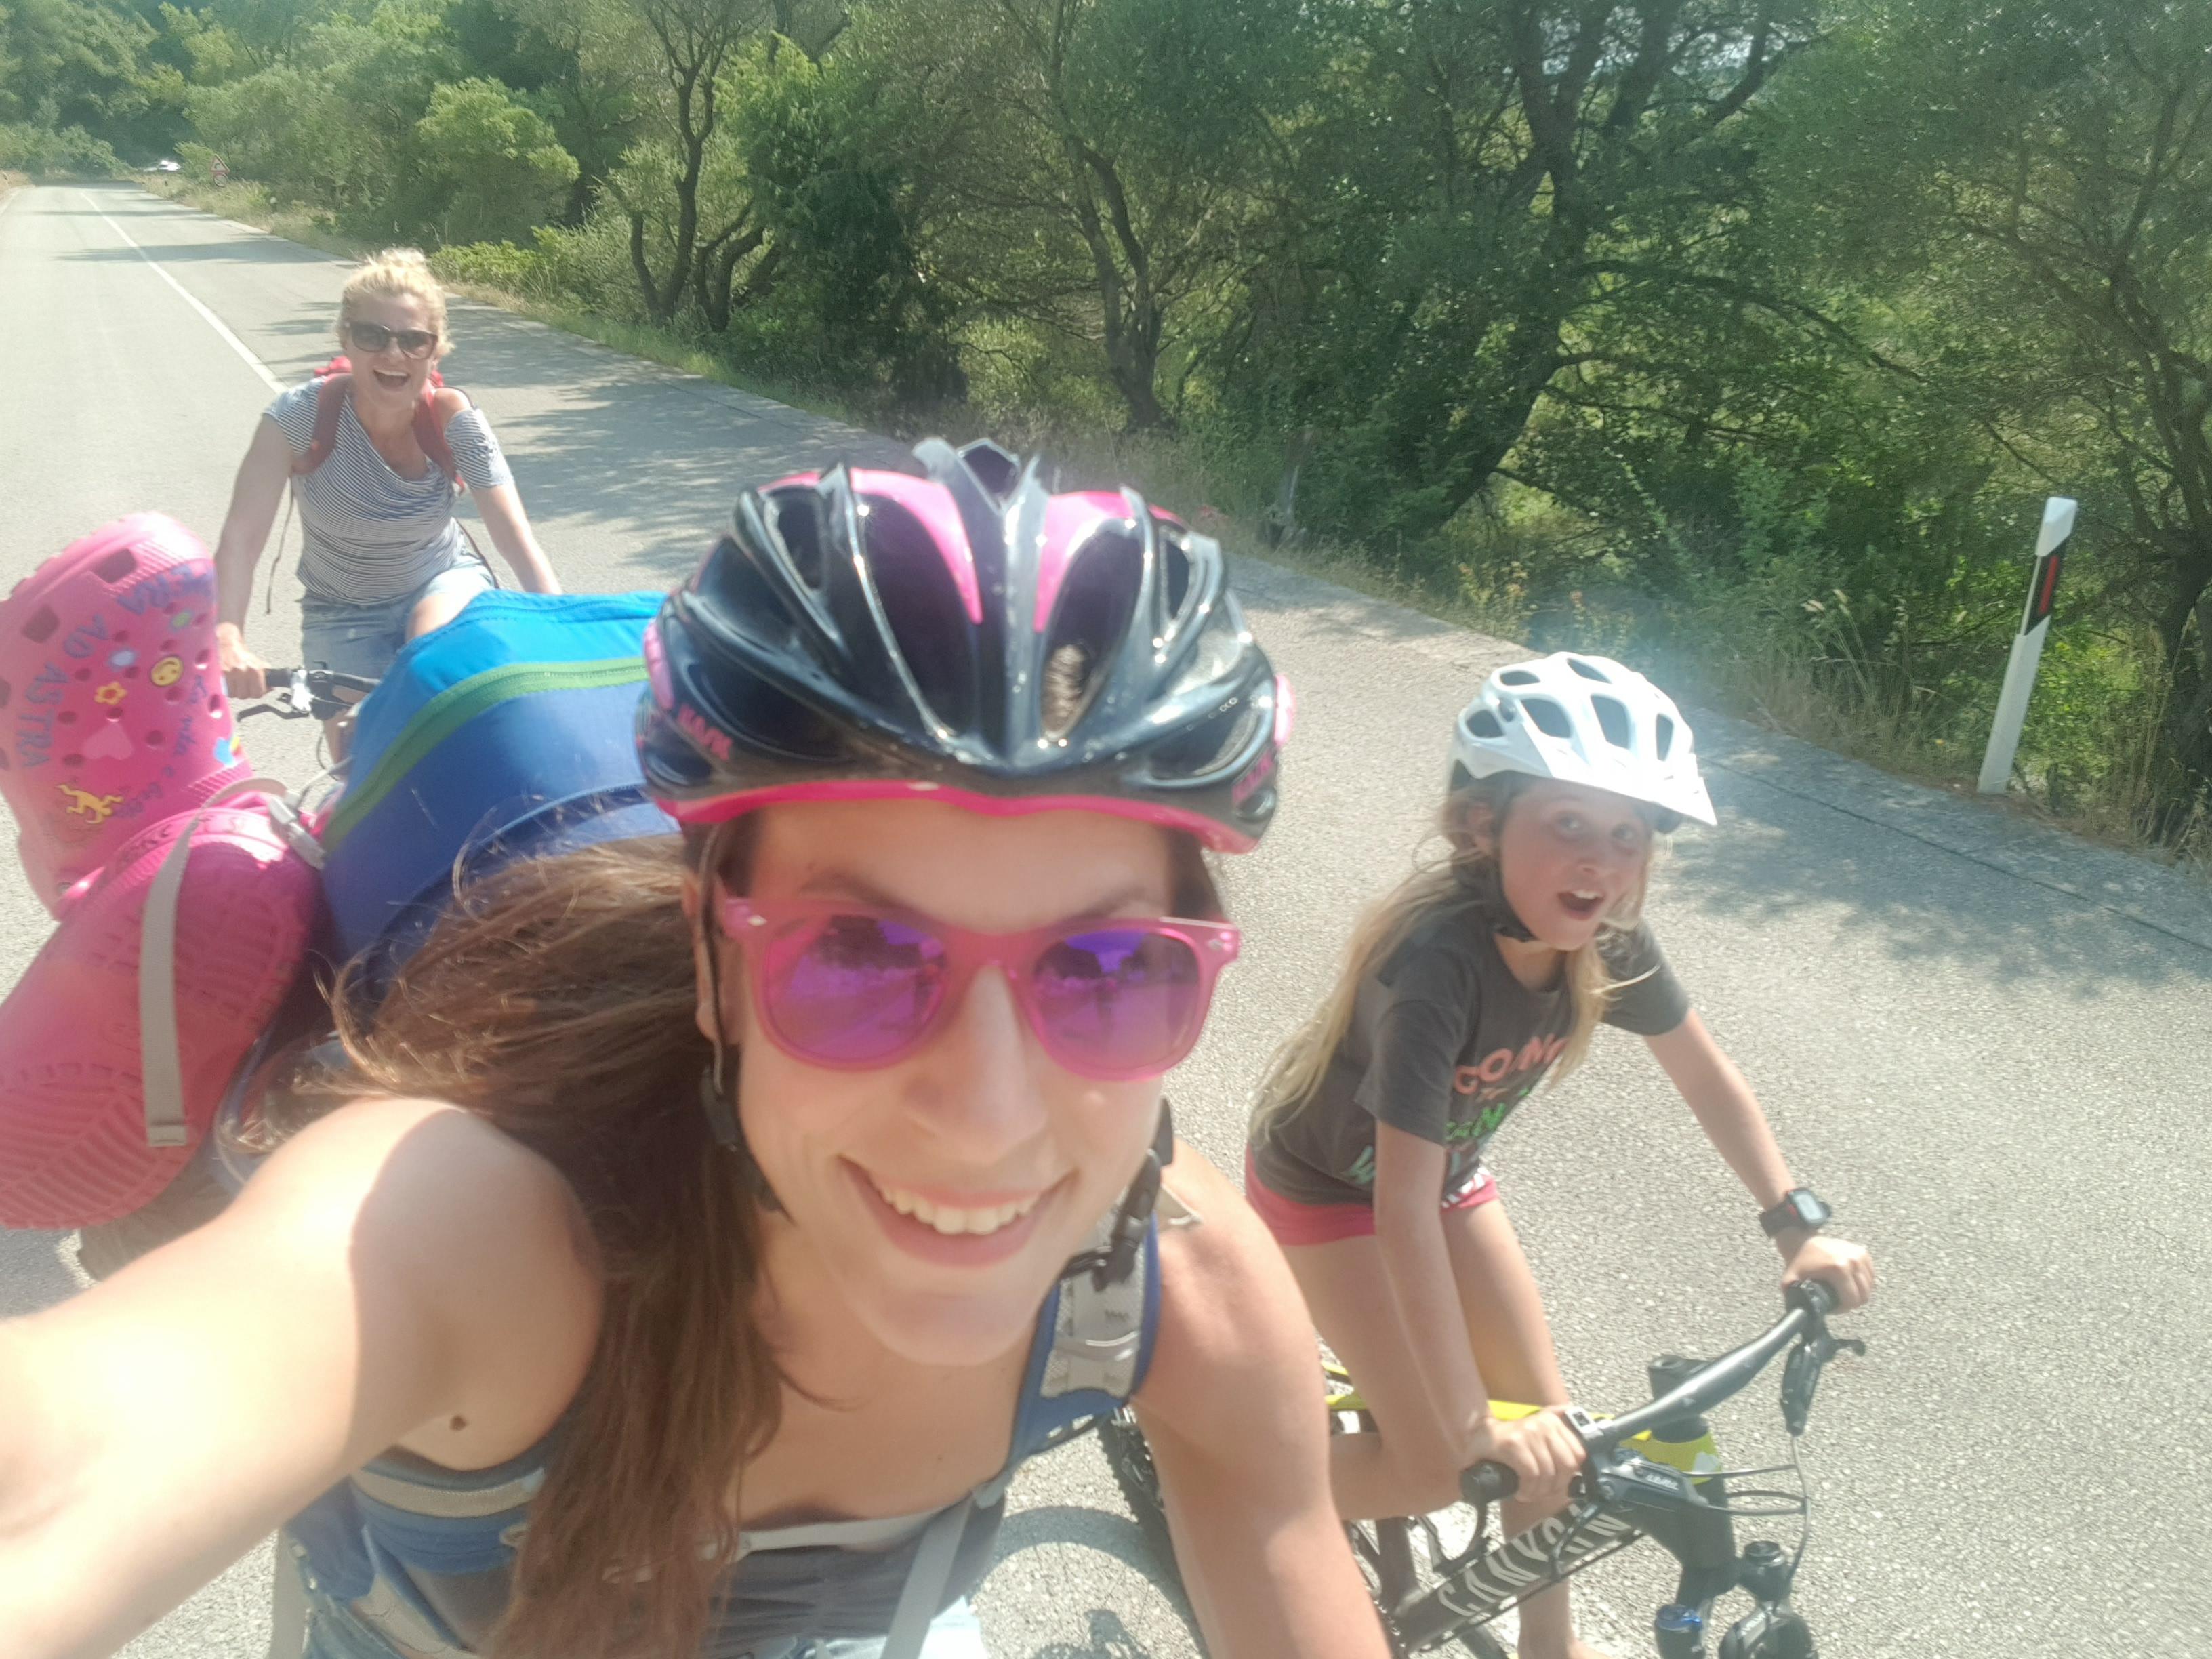 Svi na bicikli :)